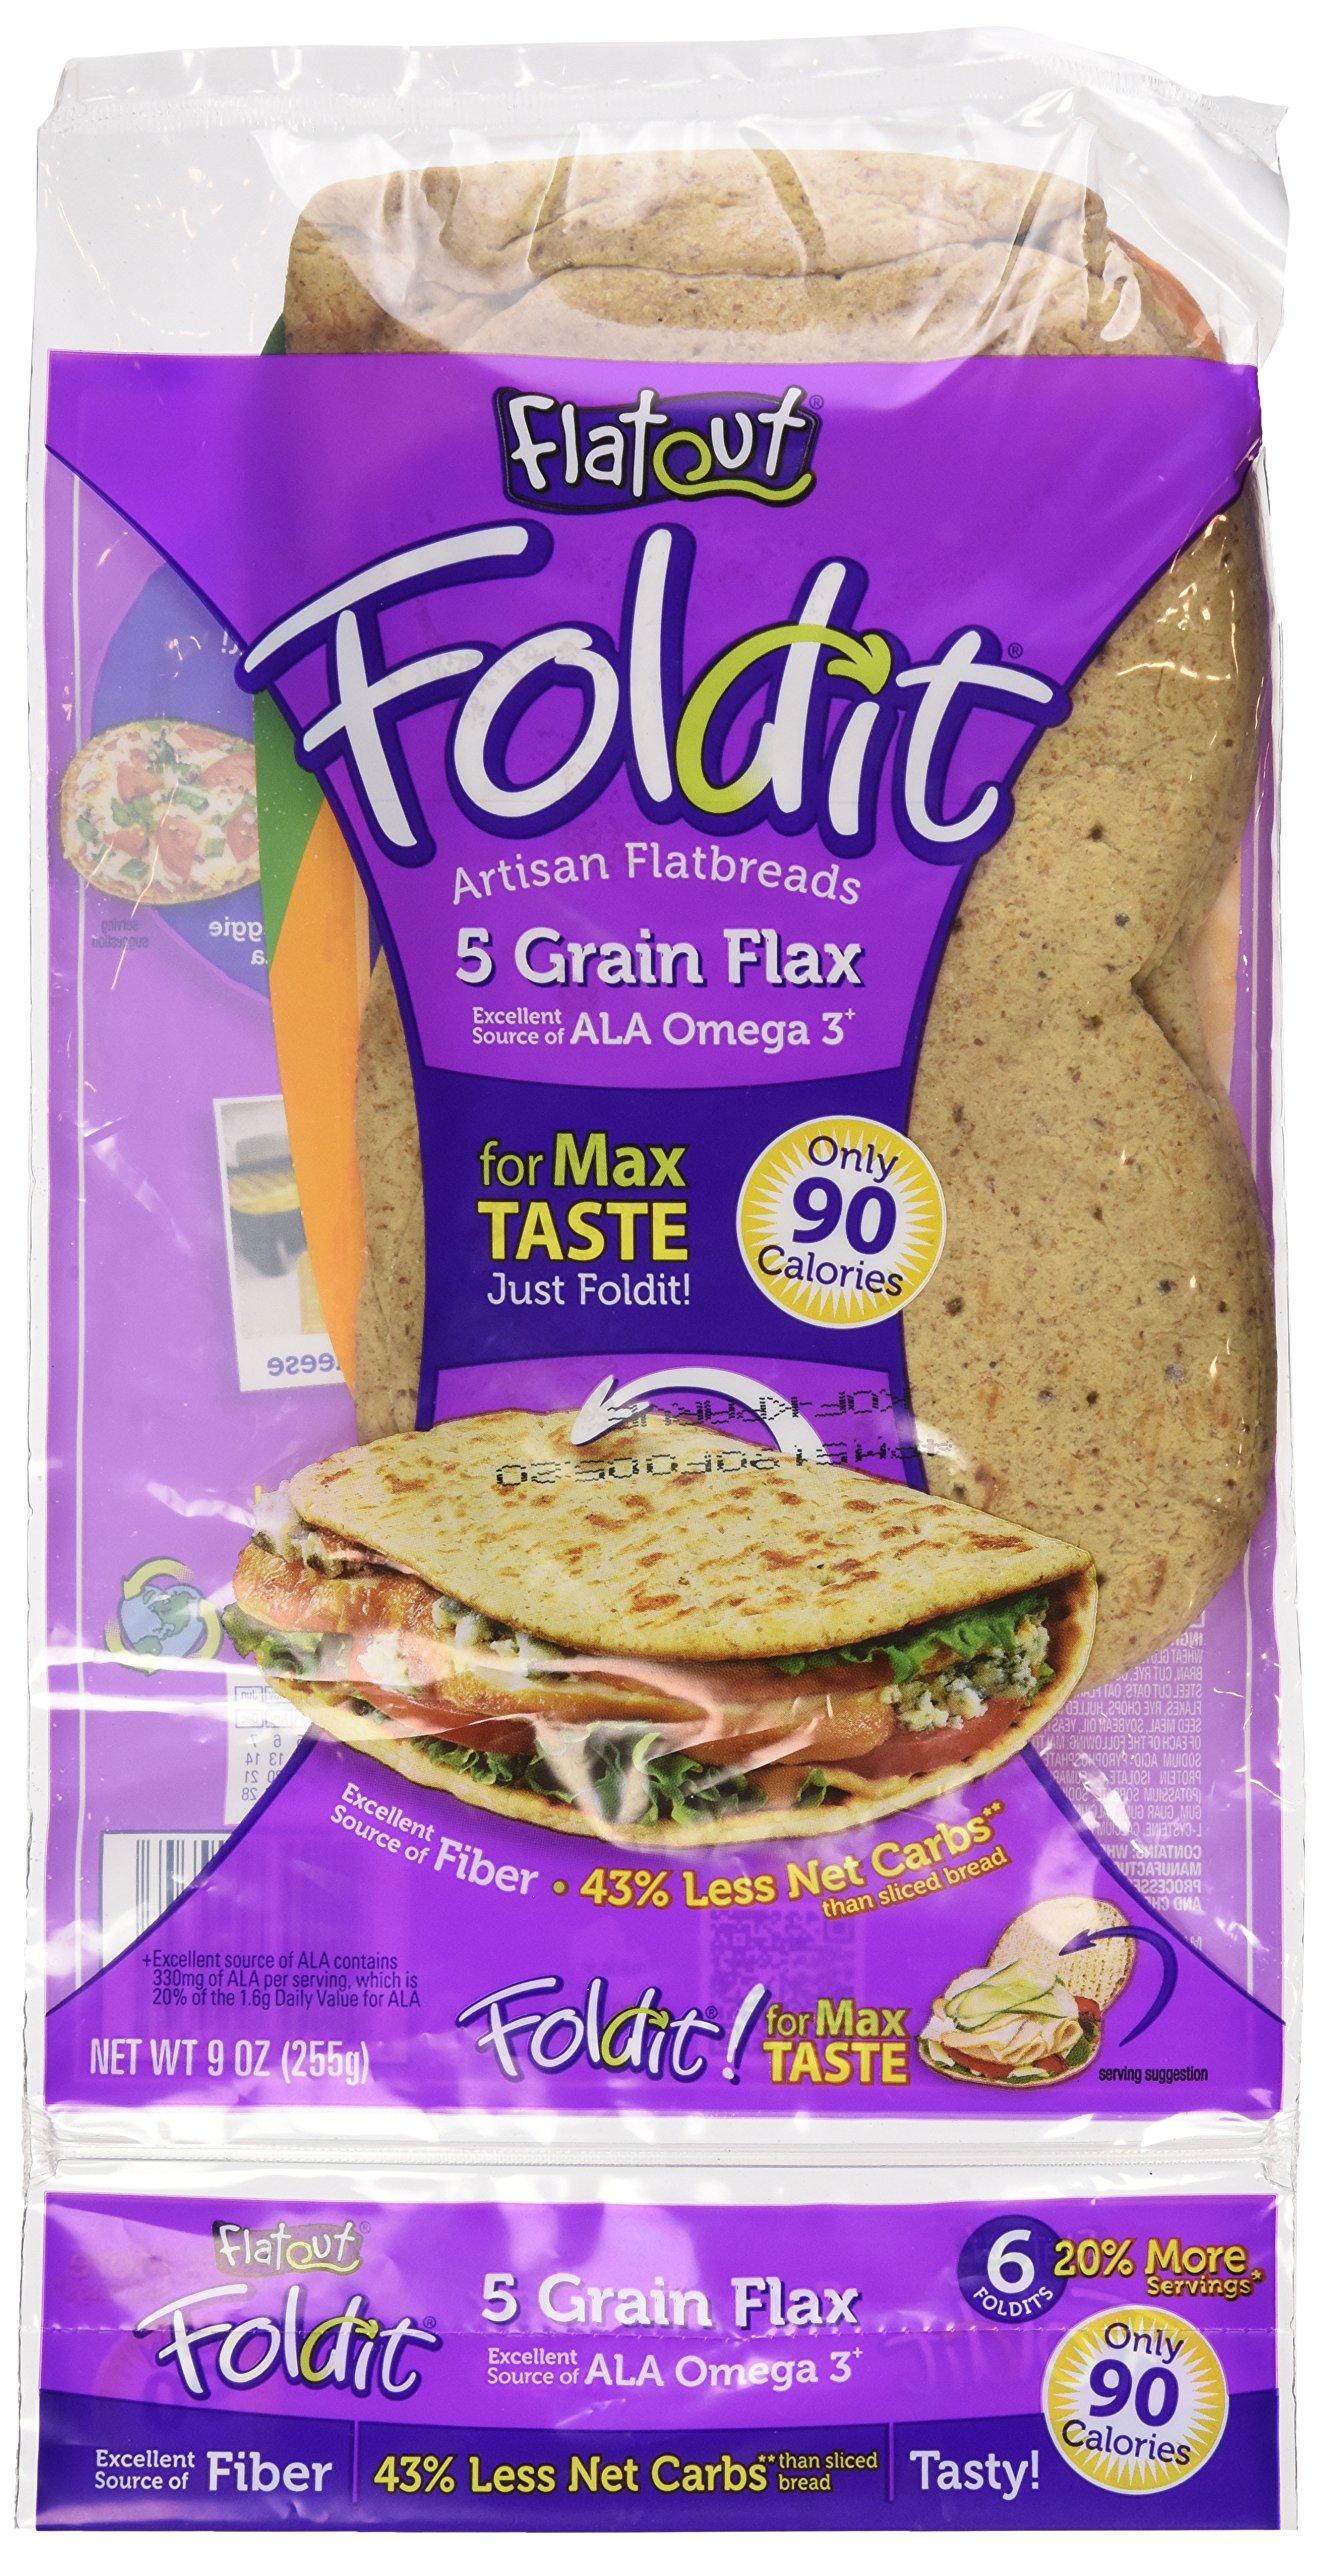 Flatout Fold It Artisan Flatbread, 5 Grain Flax, 9 Oz - 4 Pack